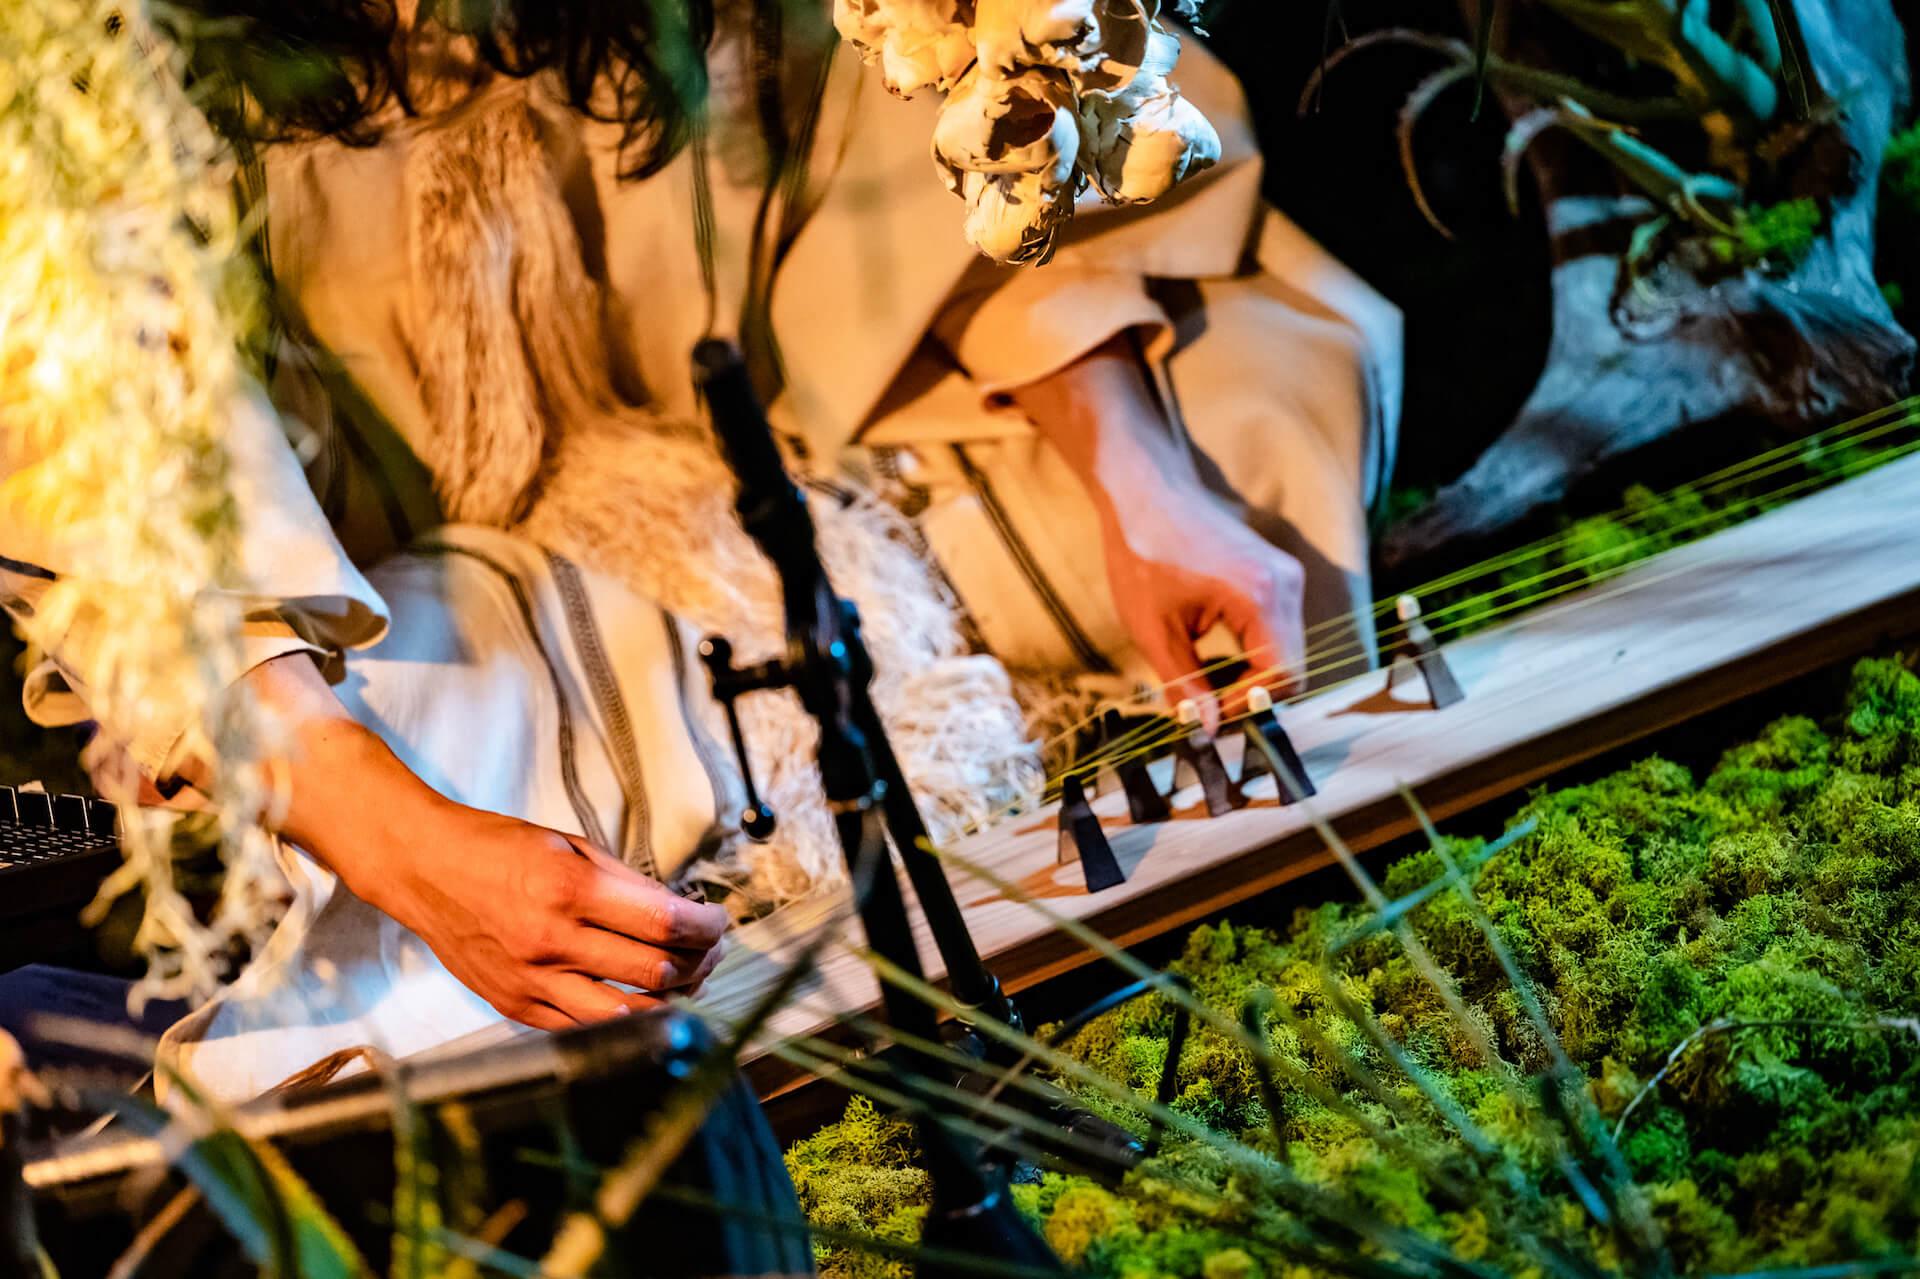 YAKUSHIMA TREASUREの死生観とポストコロナの表現 屋久島の原生林でのライヴ作品『ANOTHER LIVE』に迫る music210219_yakushimatreasure_18